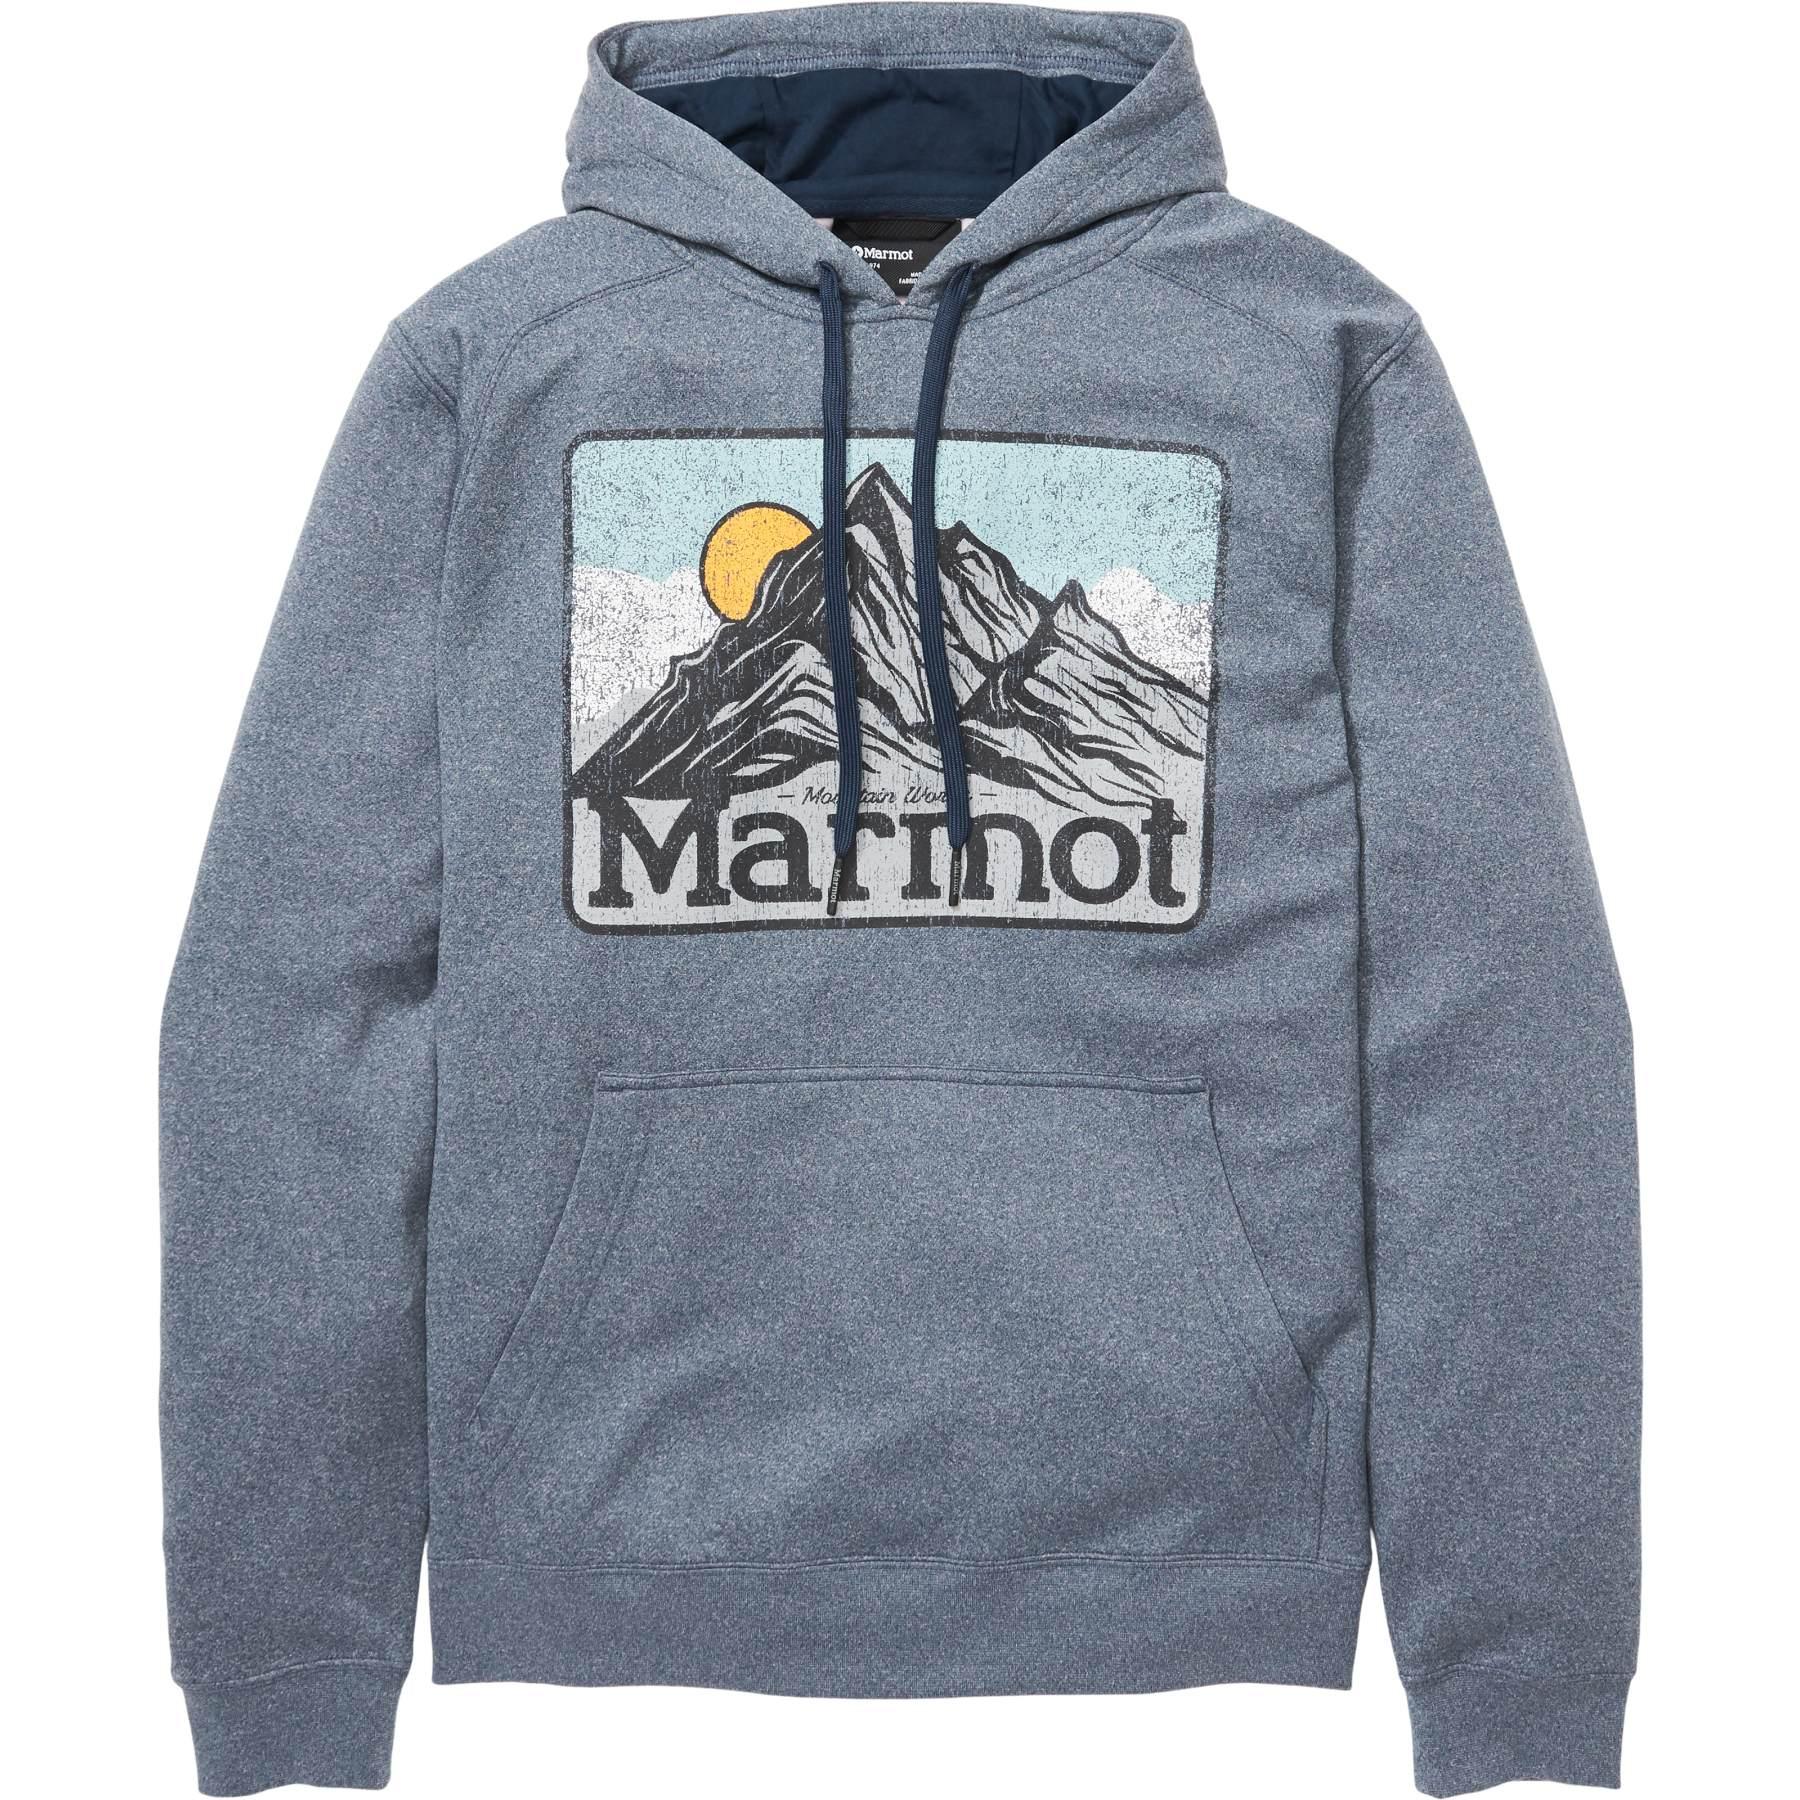 Marmot Mountain Peaks Hoody - Dark Indigo Heather